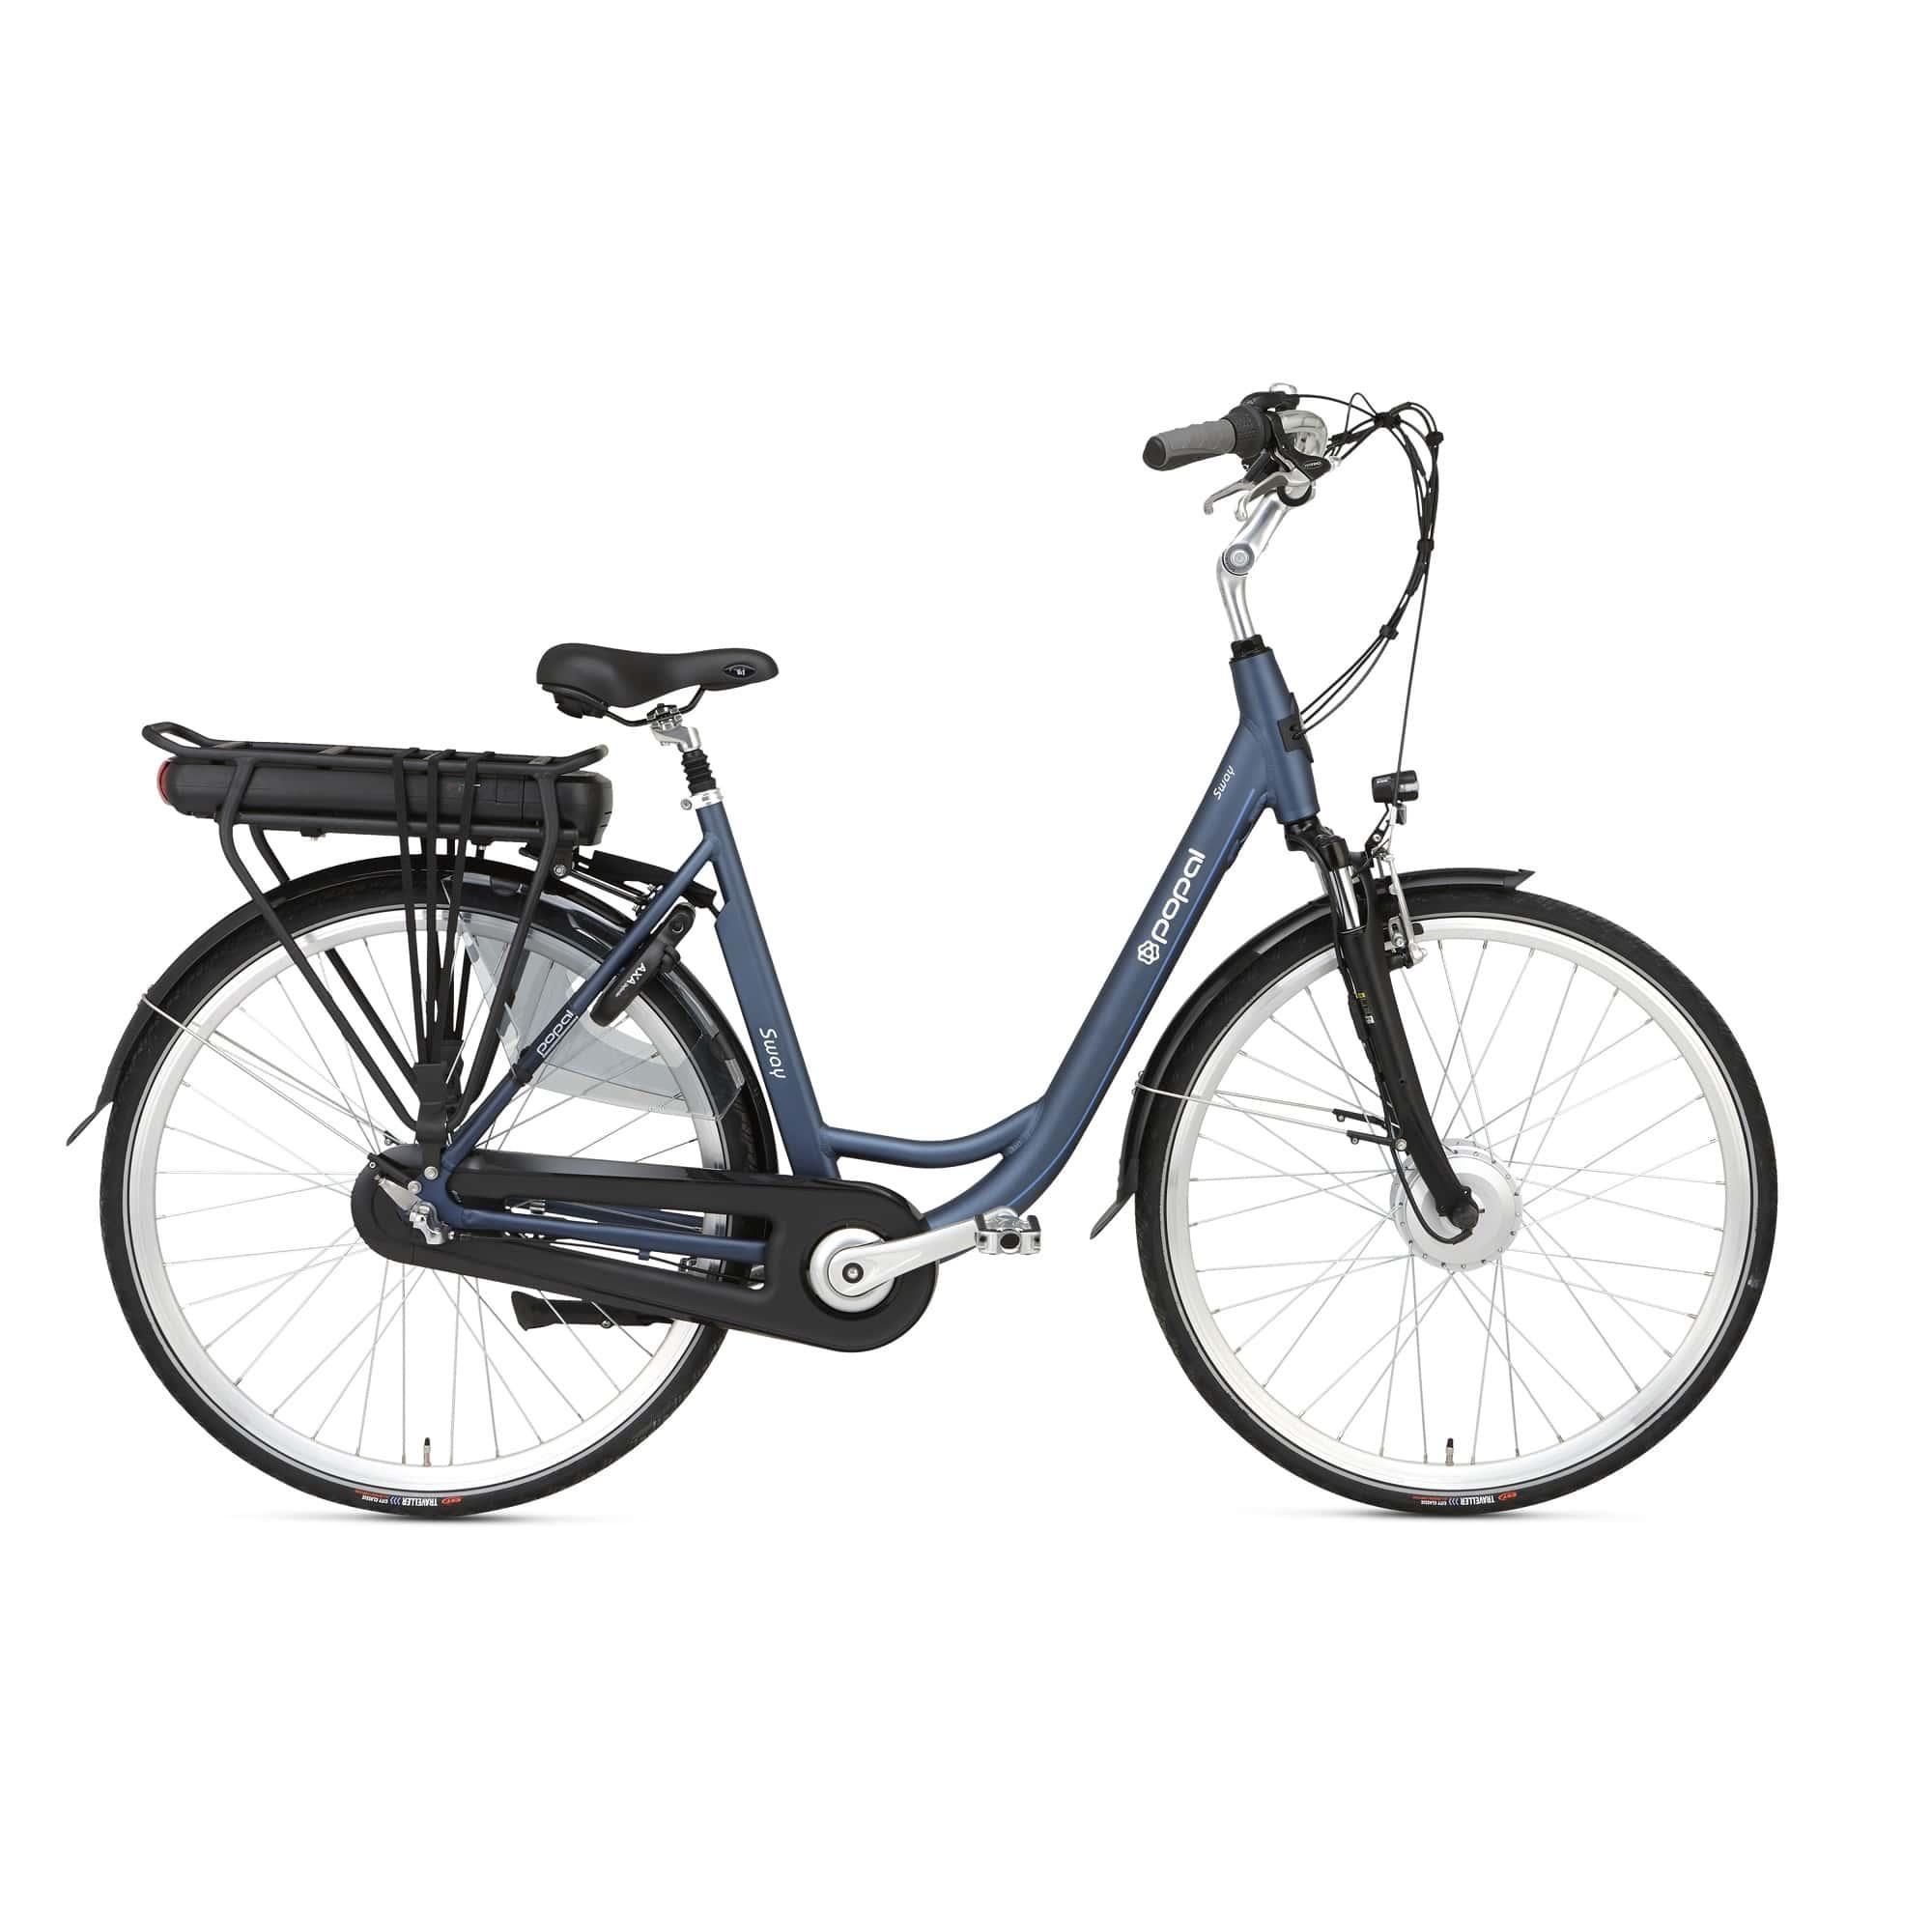 Popal-Sway-elektrische-fiets-3-min.jpg